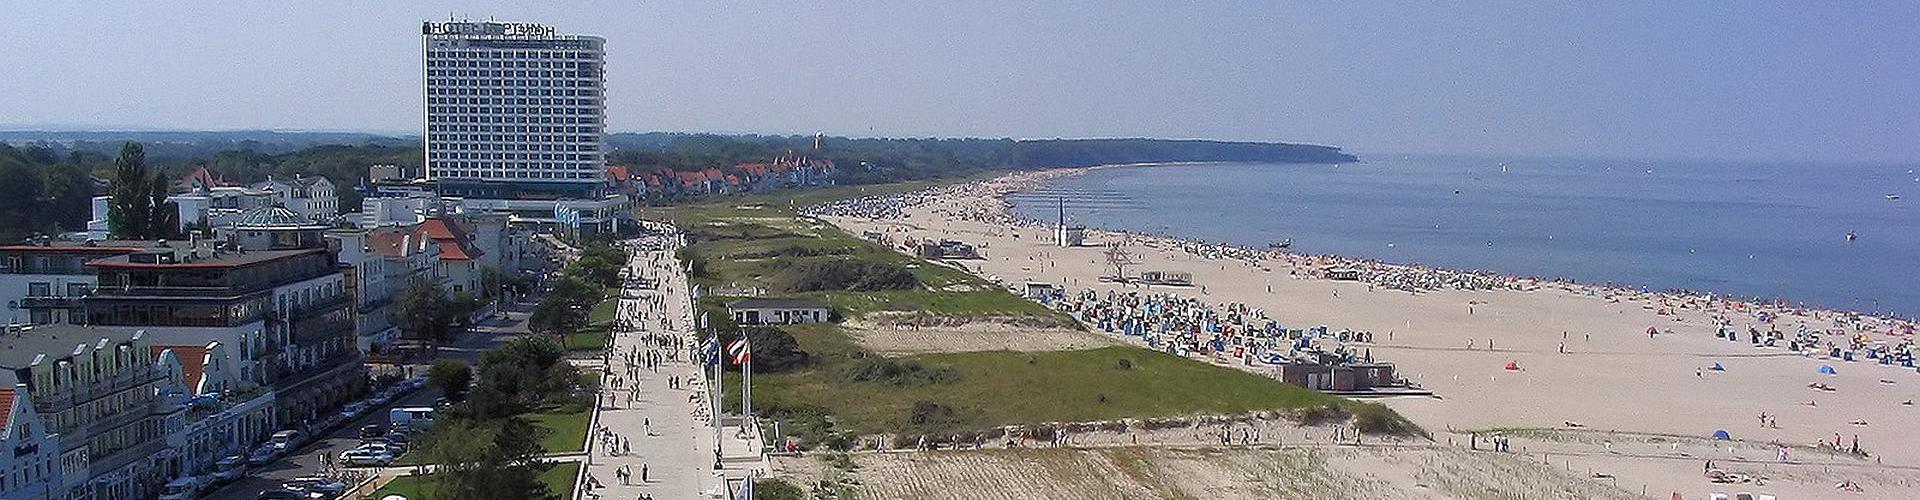 Strandurlaub an der Ostsee